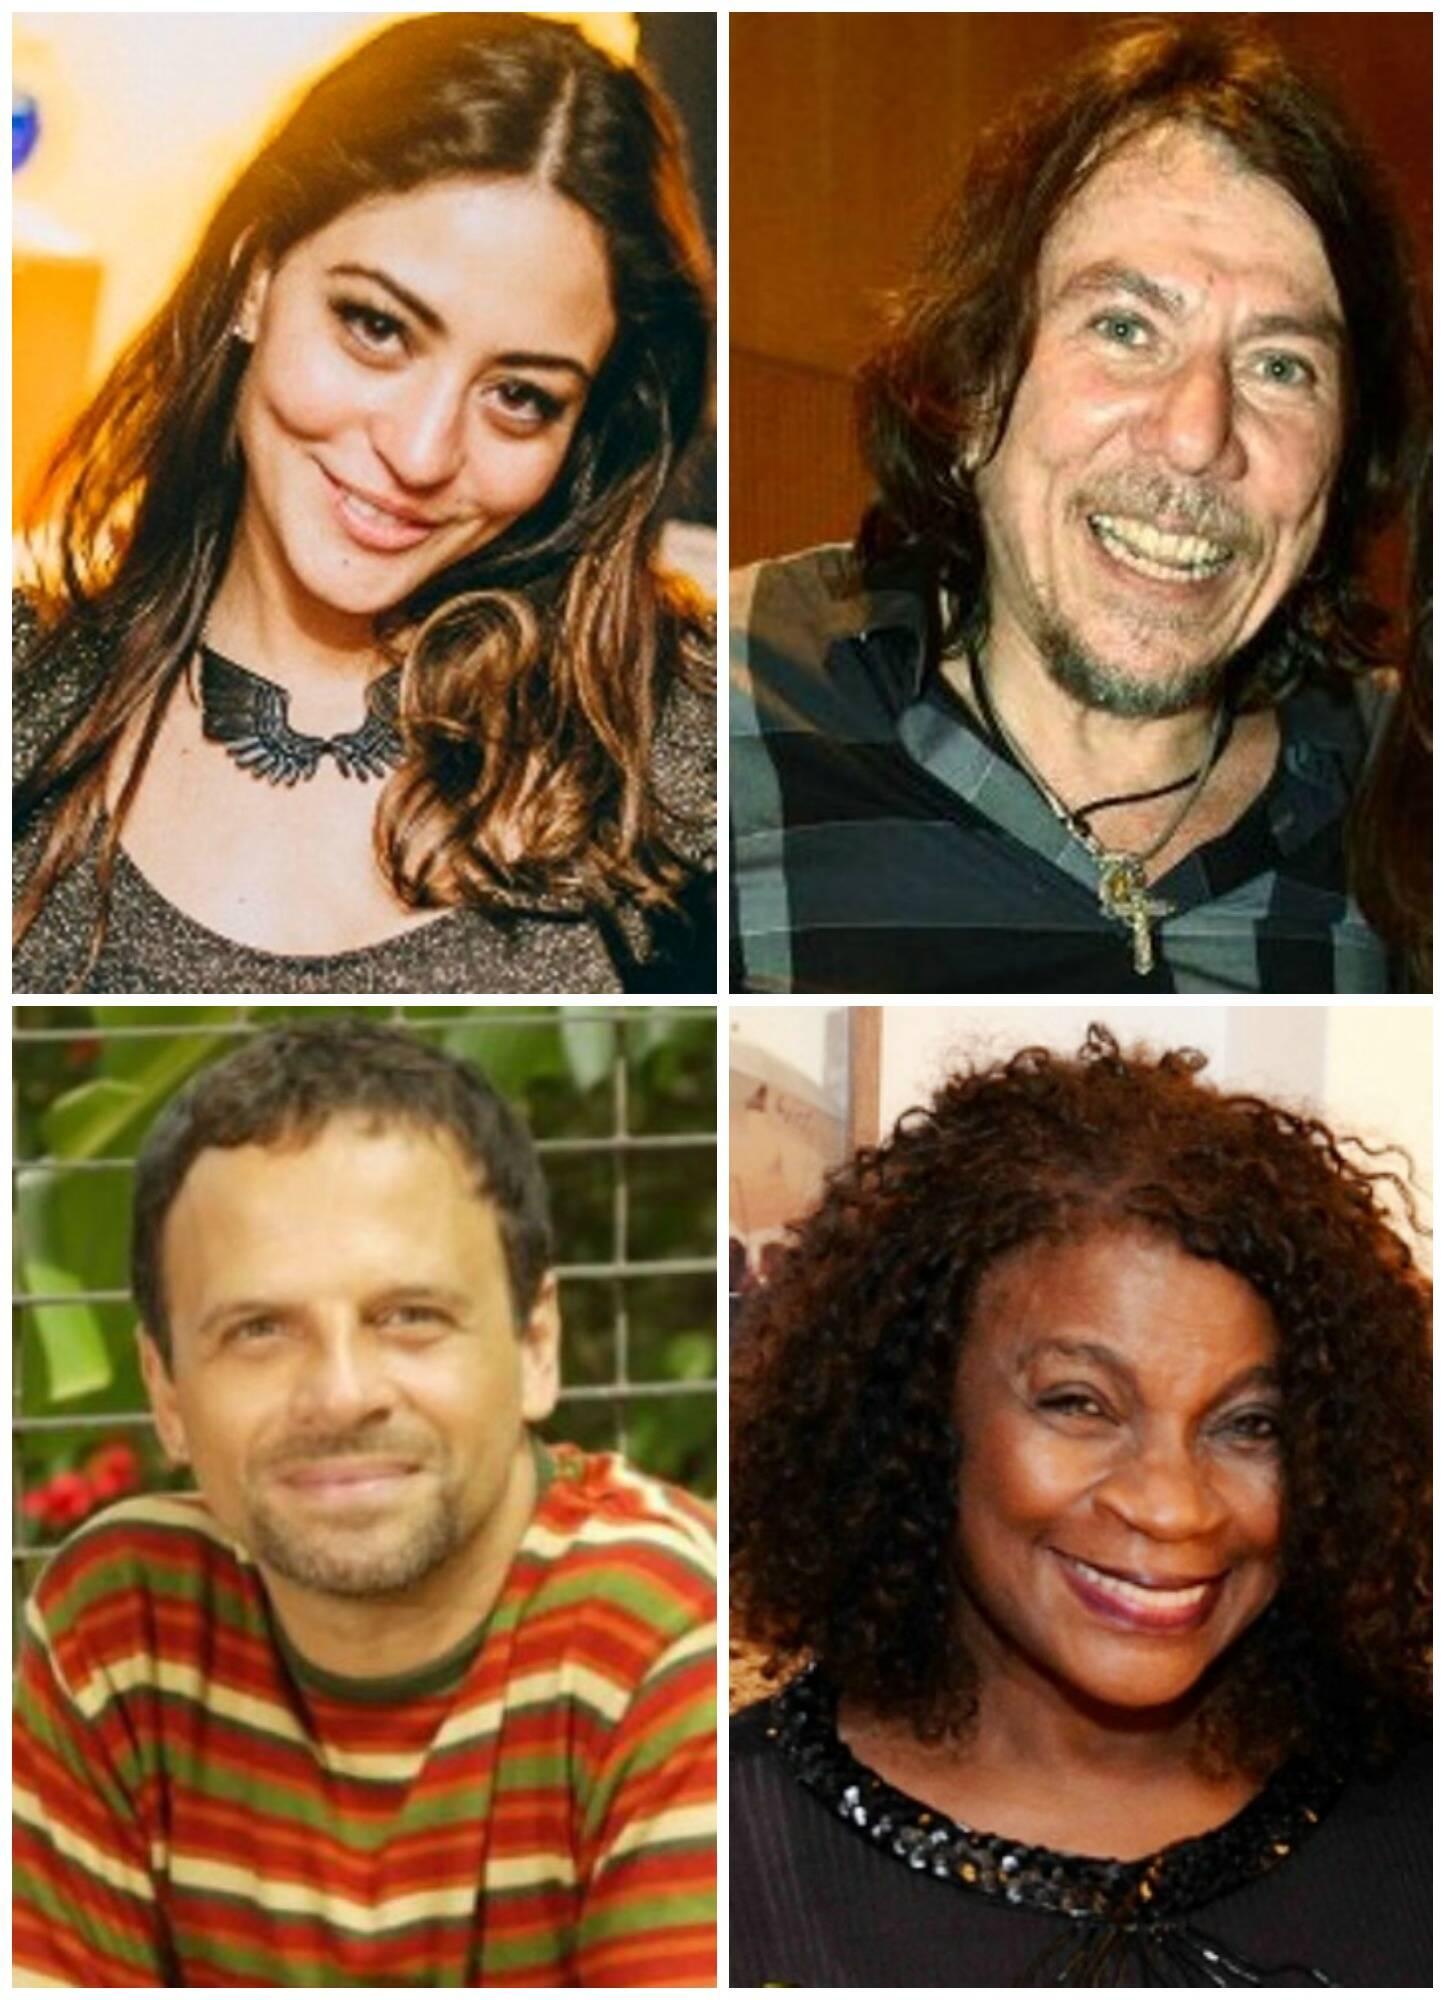 Cristina Braga, no alto; acima, em sentido horário, Carol Castro; Lenine; Zezé Motta; Marcos Breda / Fotos: Marcos Samerson, Reginaldo Teixeira e divulgação